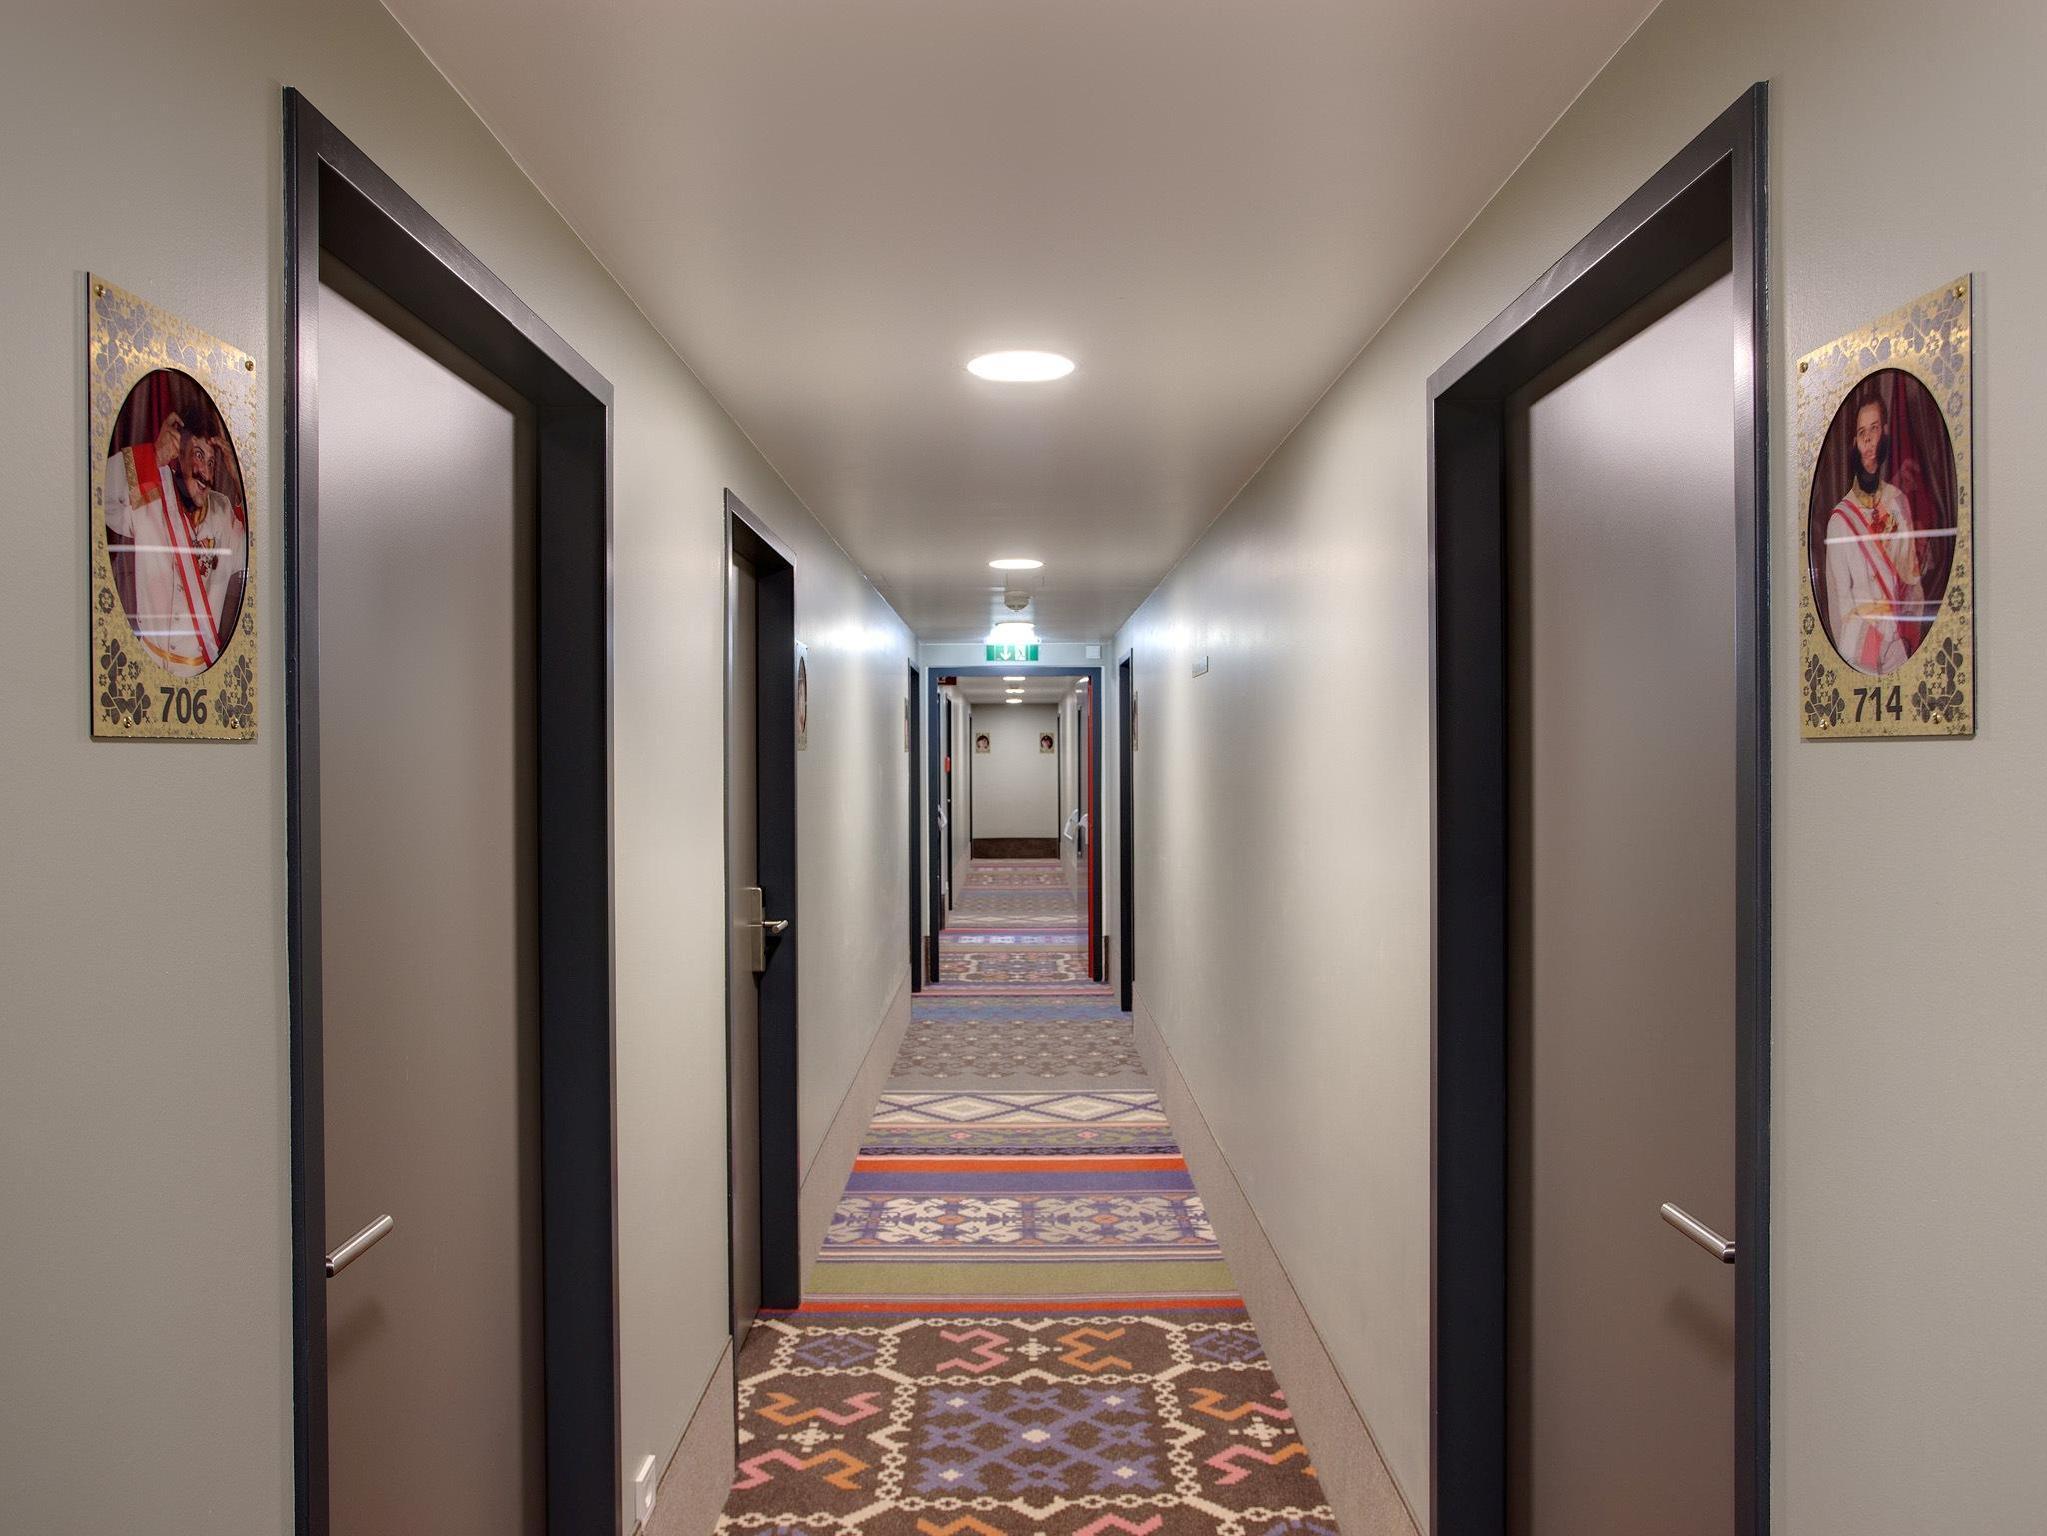 MEININGER Hotel Wien Downtown Franz, Wien